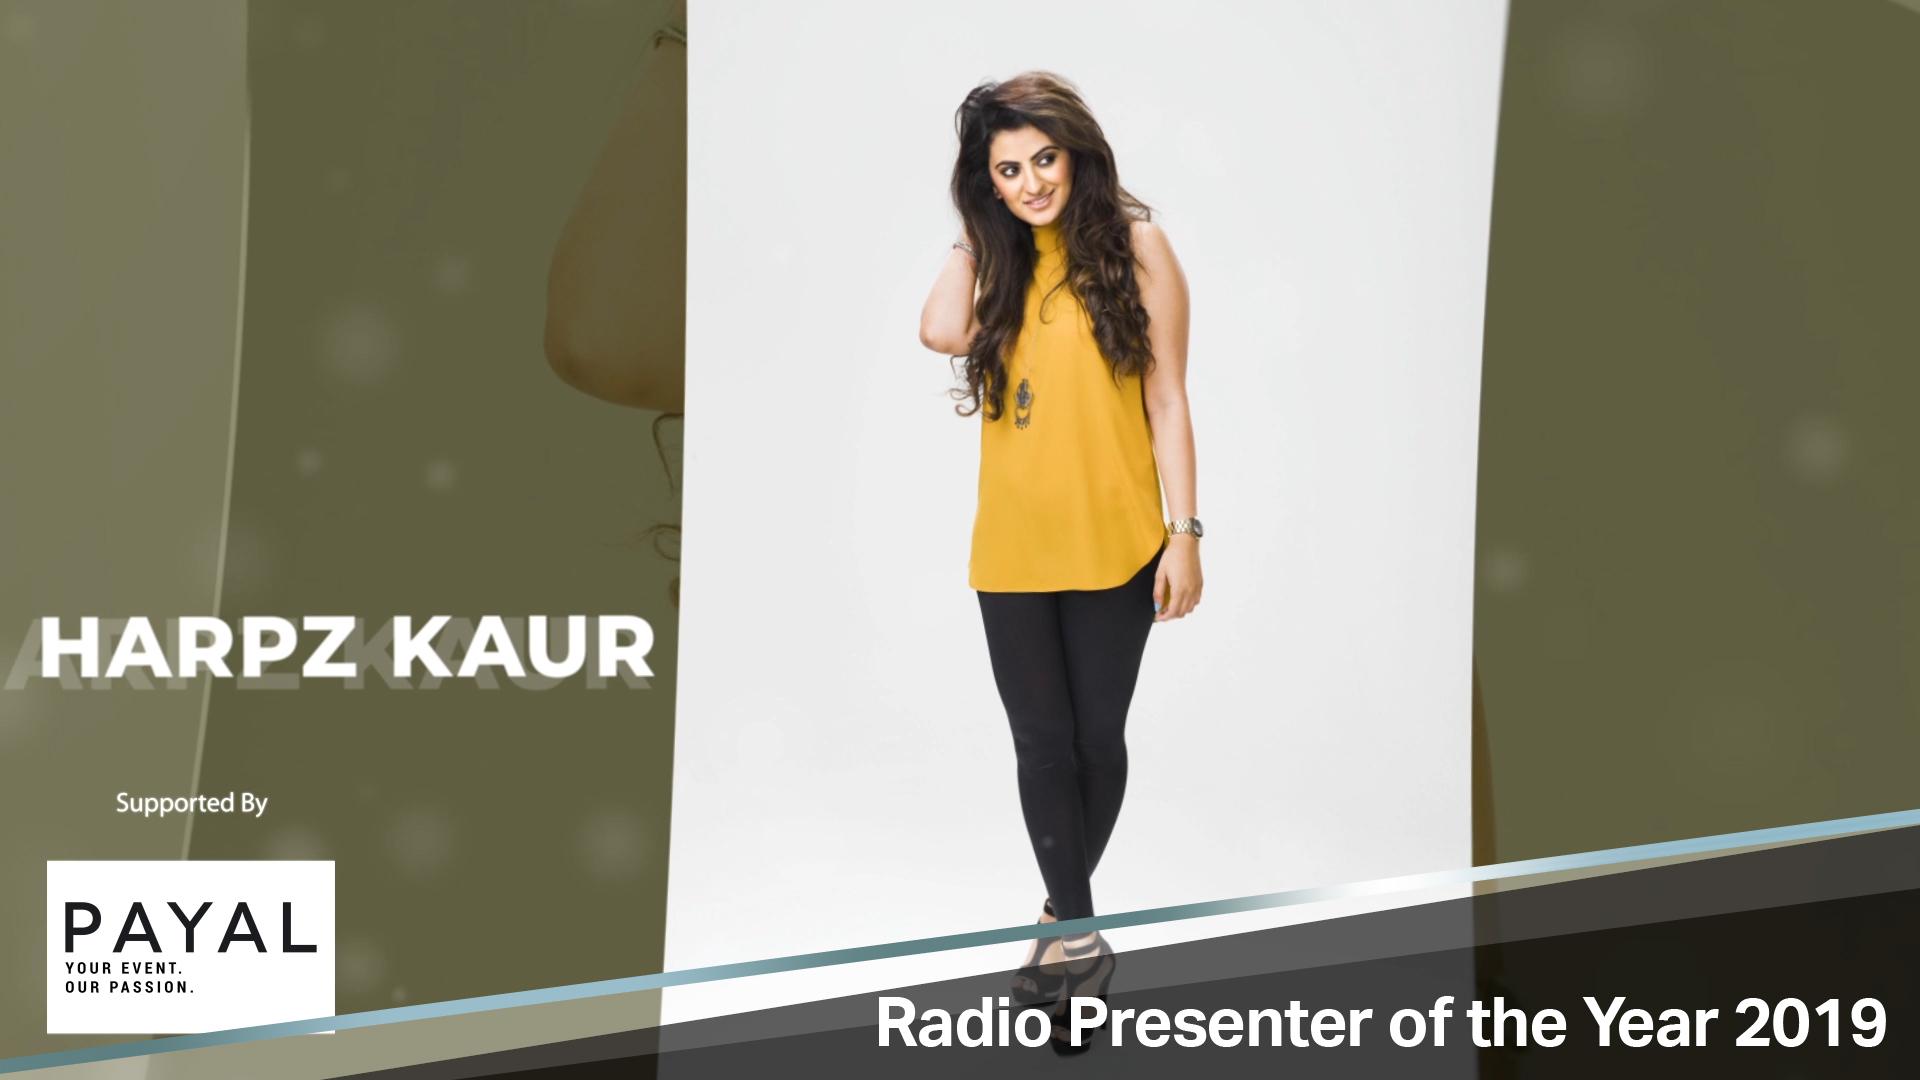 Harpz Kaur Is Radio Presenter of the Year 2019